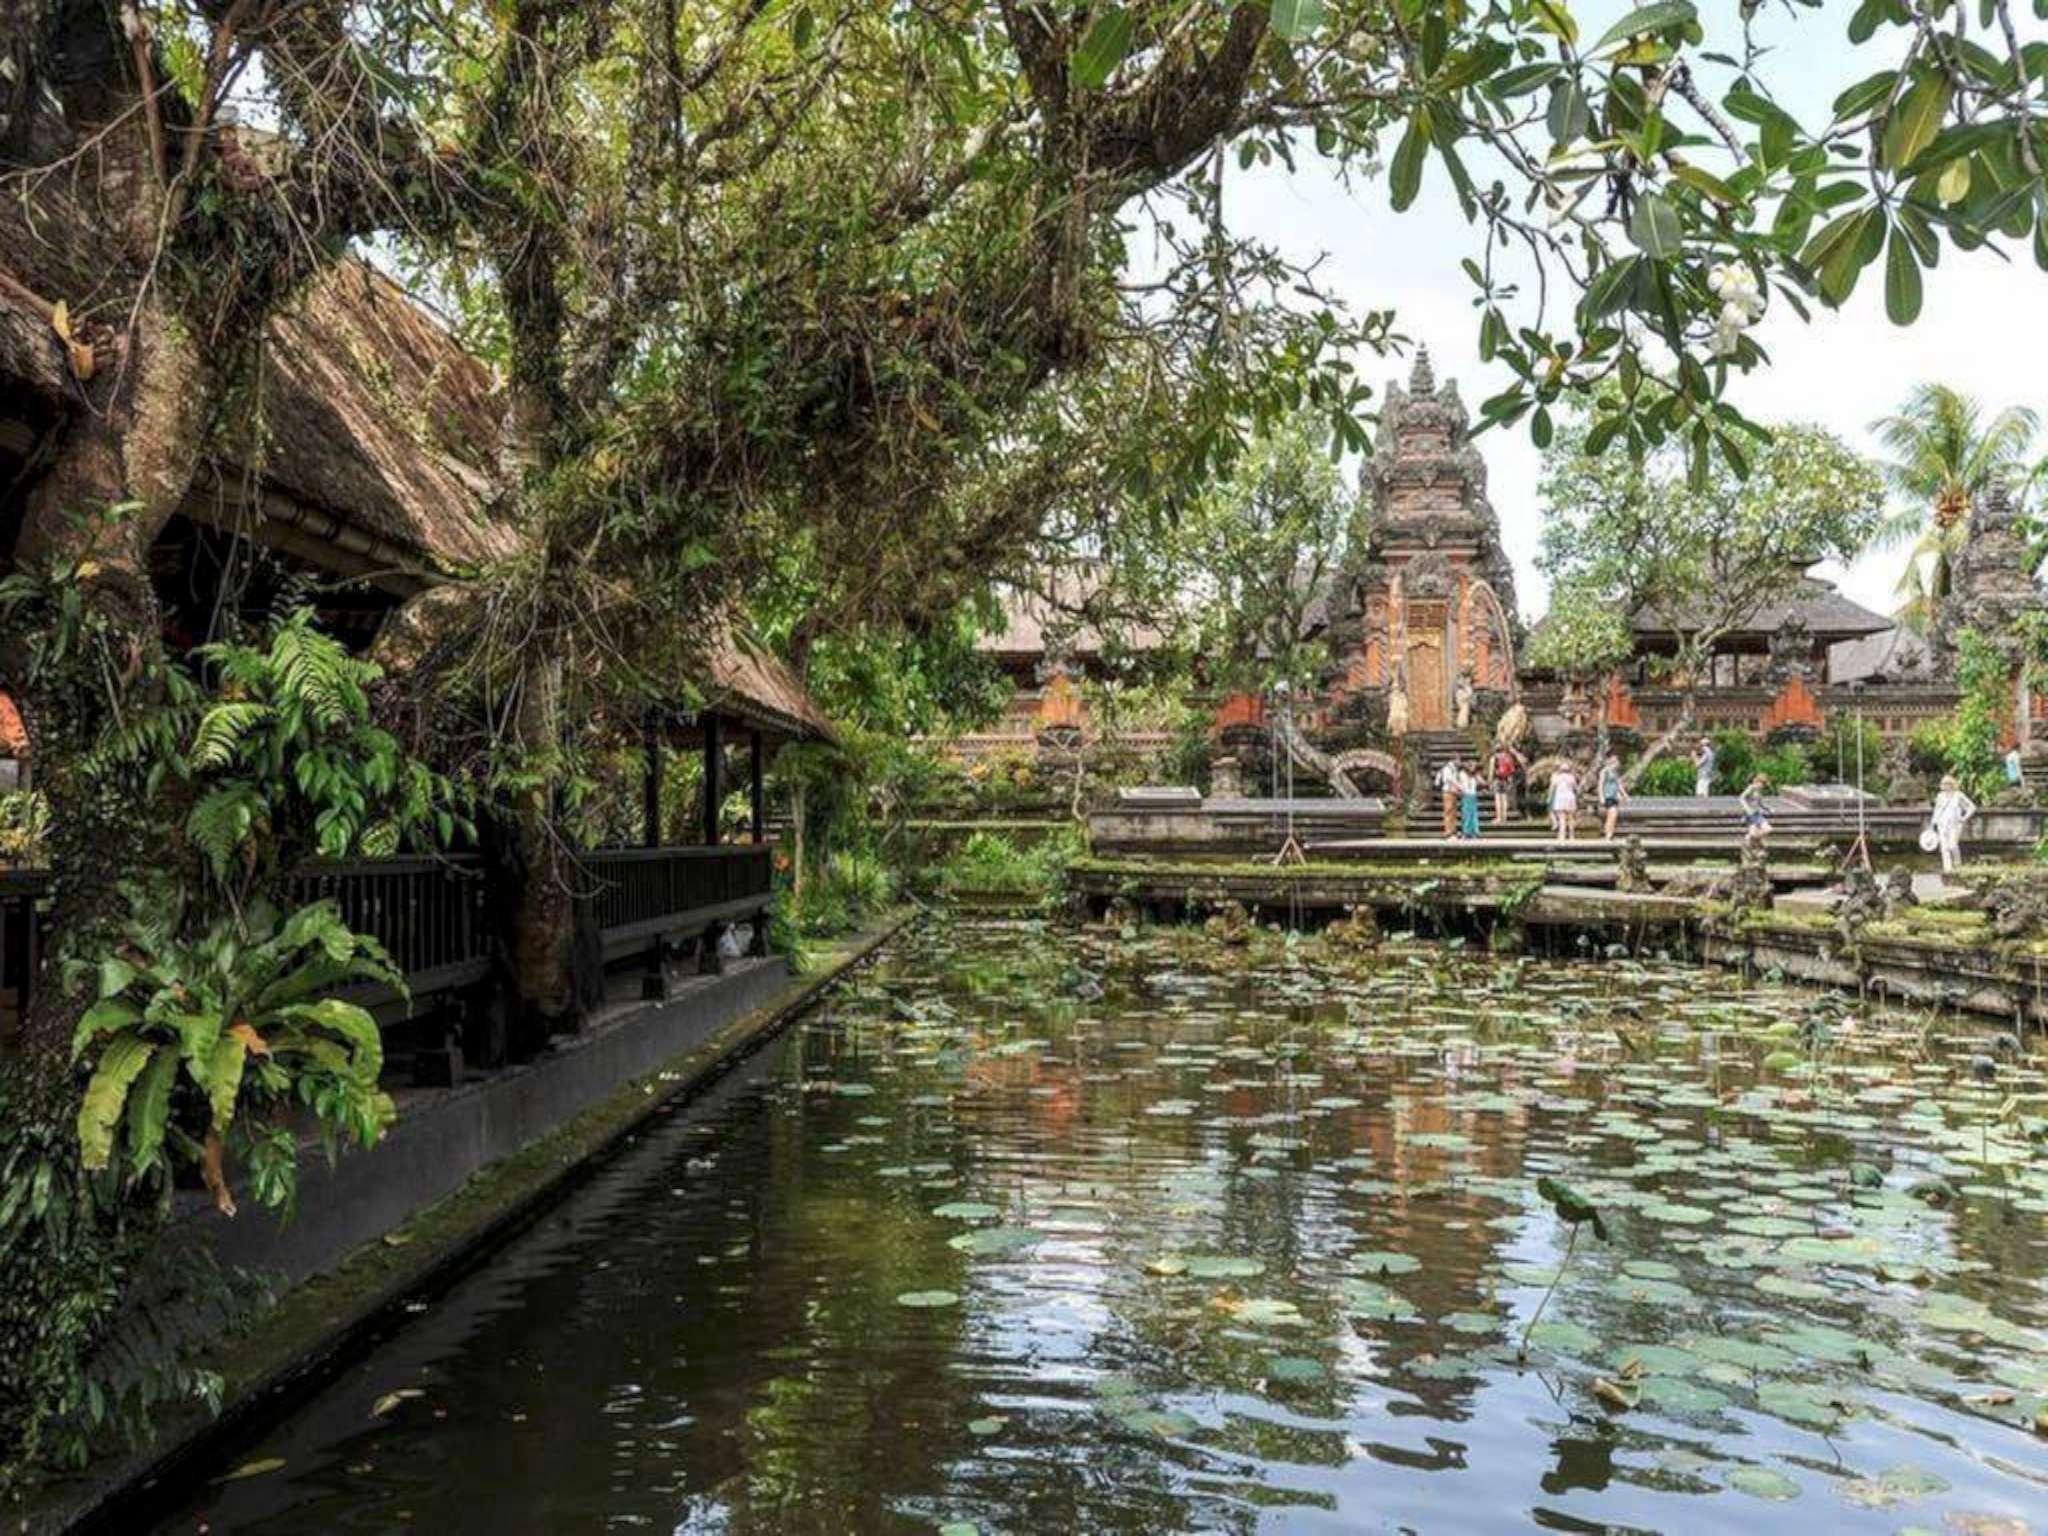 #5 Bungalows at Ubud Royal Palace